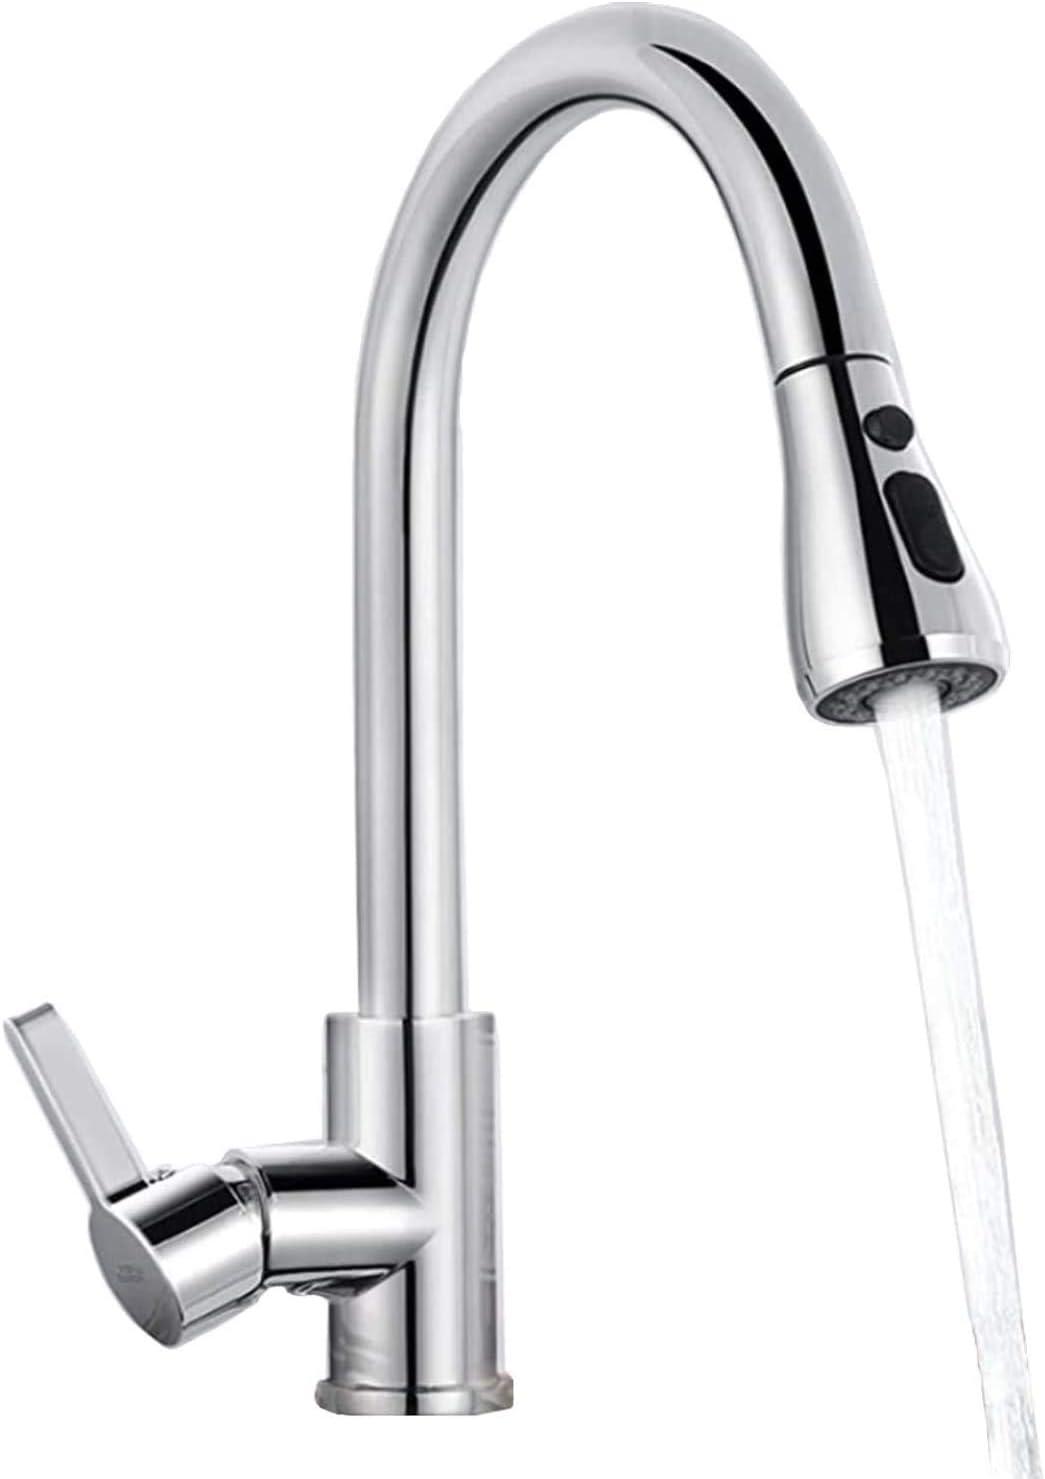 Wasserhahn AUTLEAD Ausziehbar Küchenarmatur mit 360° Schwenkbare und Hohe Bogenauslauf